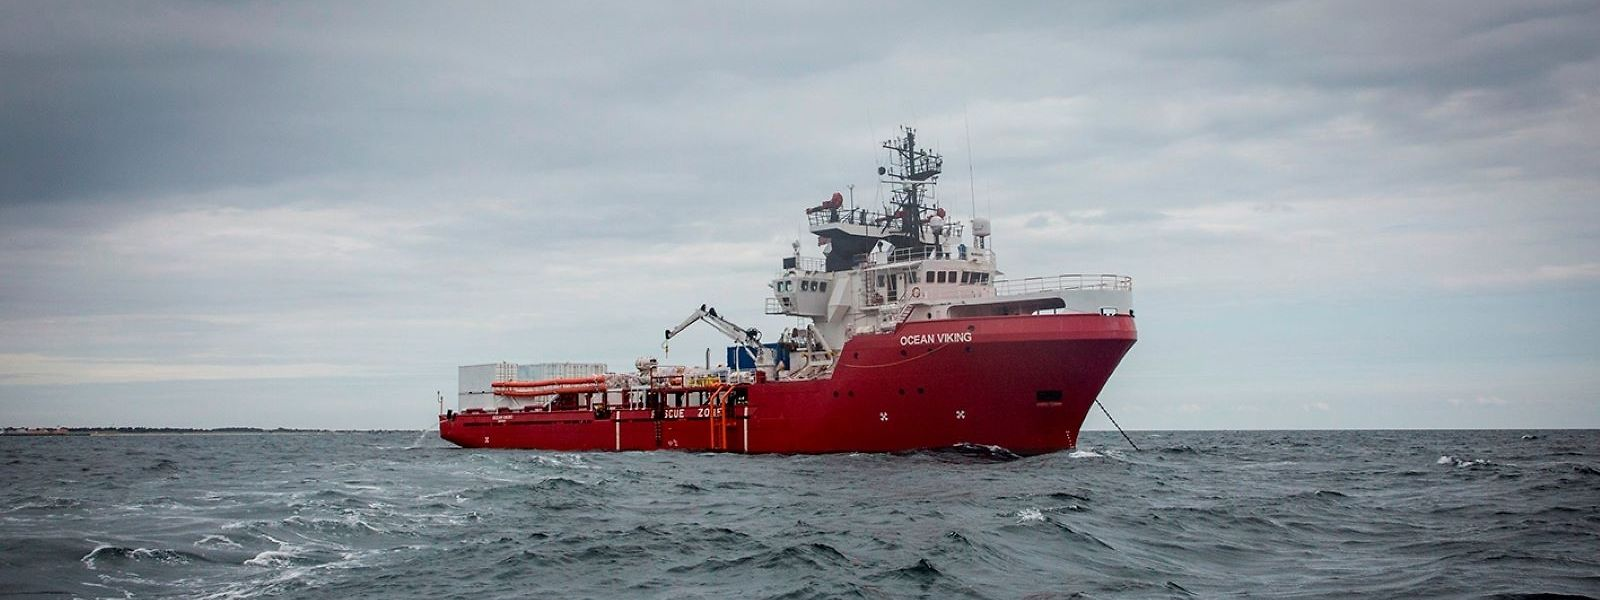 """Archivbild: Das norwegische Schiff """"Ocean Viking"""", sucht im Auftrag der französischen Hilfsorganisation """"SOS Mediterranee"""" Flüchtlinge vor der libyschen Küste."""